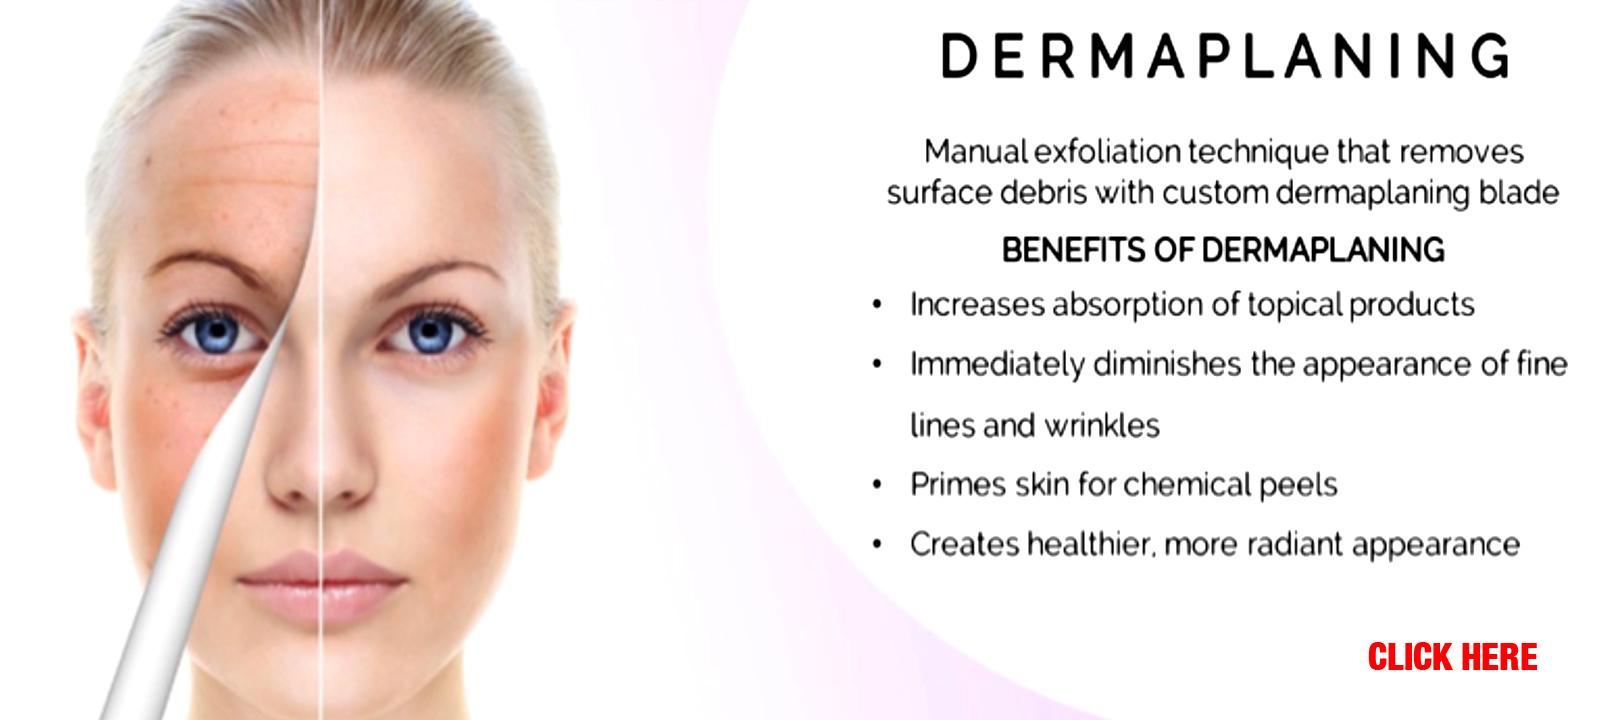 Family Practice Dermatology Associates Llc